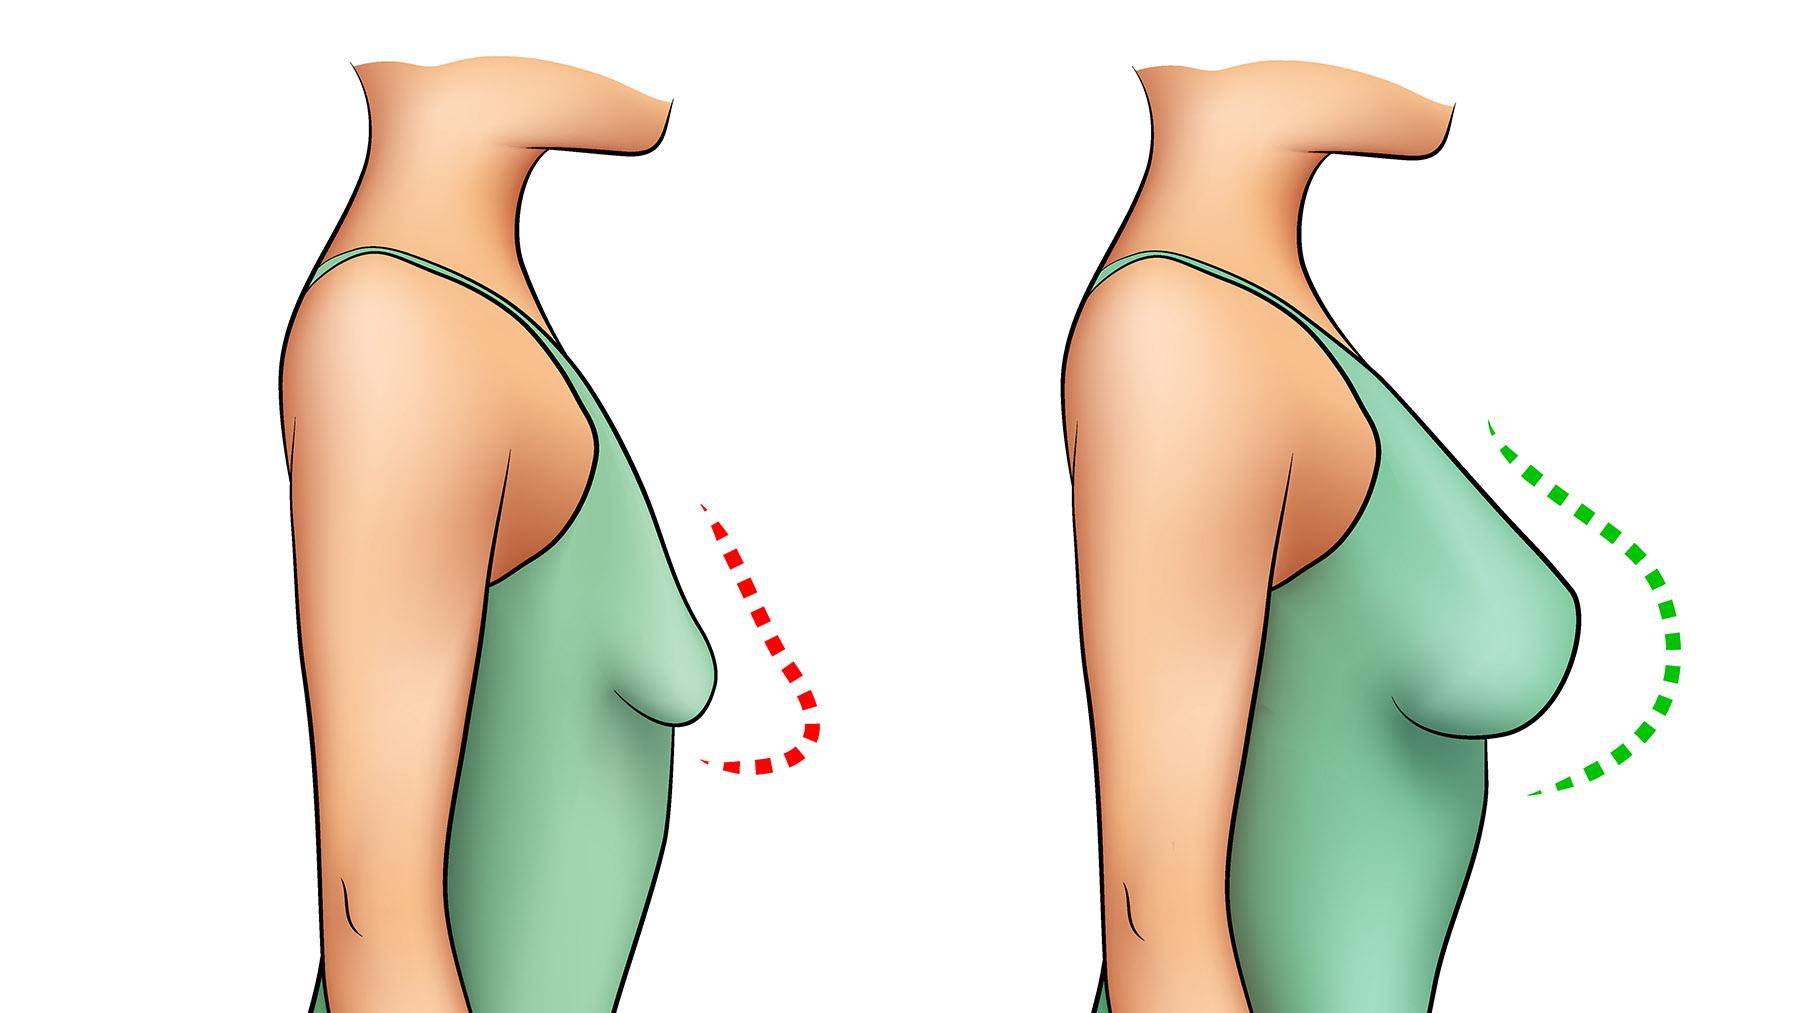 Come aumentare il seno senza chirurgia?